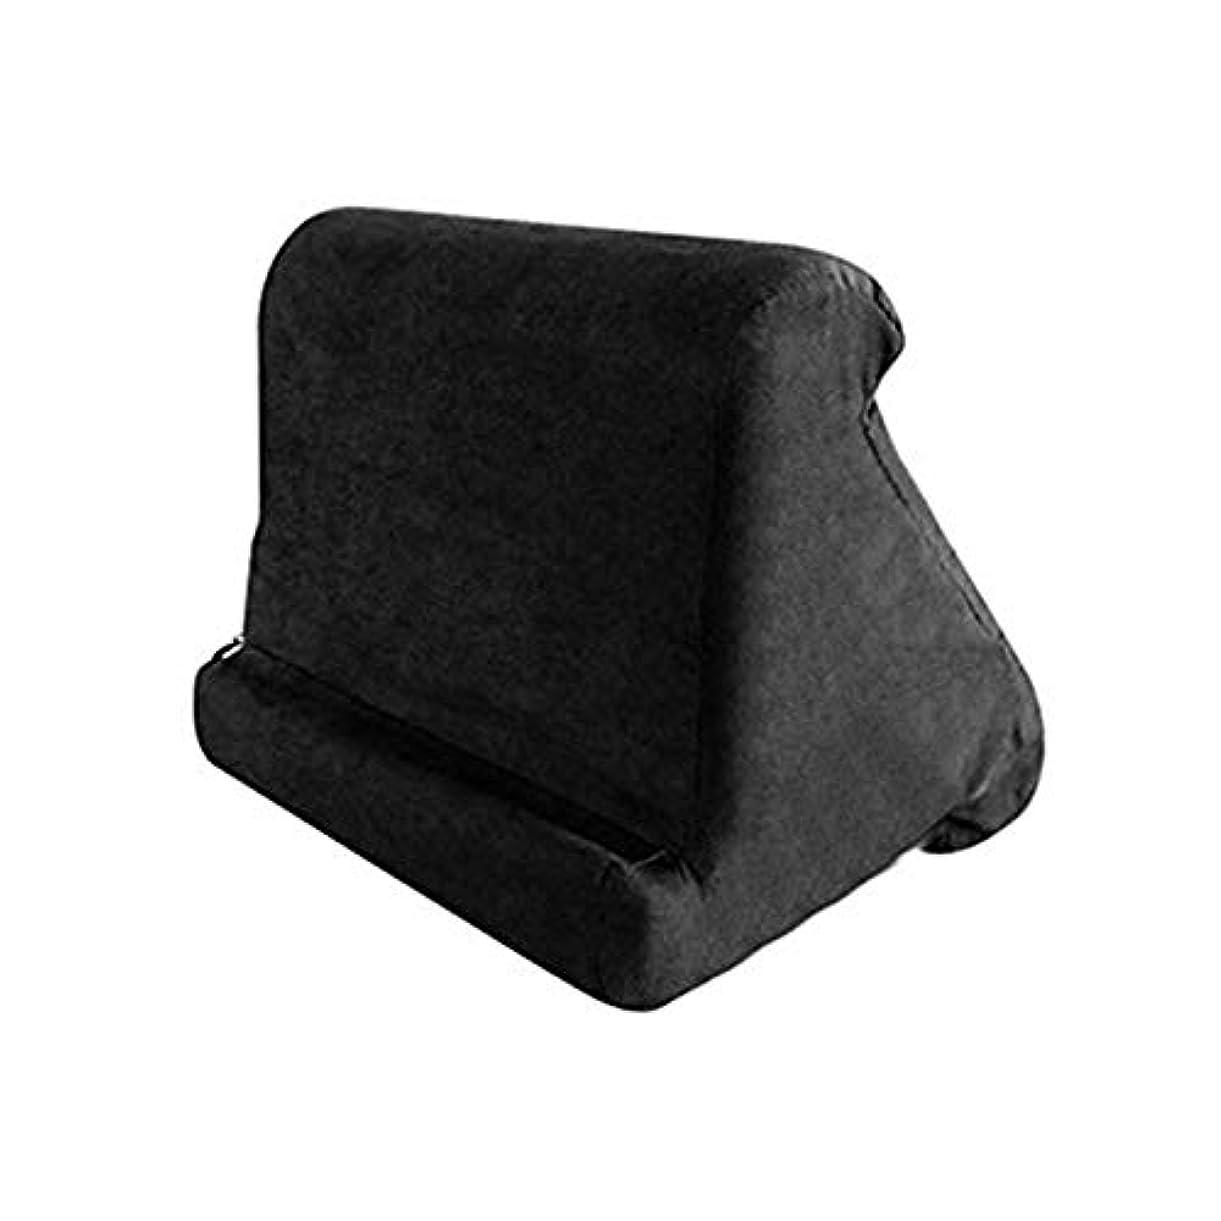 作成者しなやかかき混ぜるLIFE 家庭用タブレット枕ホルダースタンドブック残り読書サポートクッションベッドソファマルチアングルソフト枕ラップスタンドクッション クッション 椅子